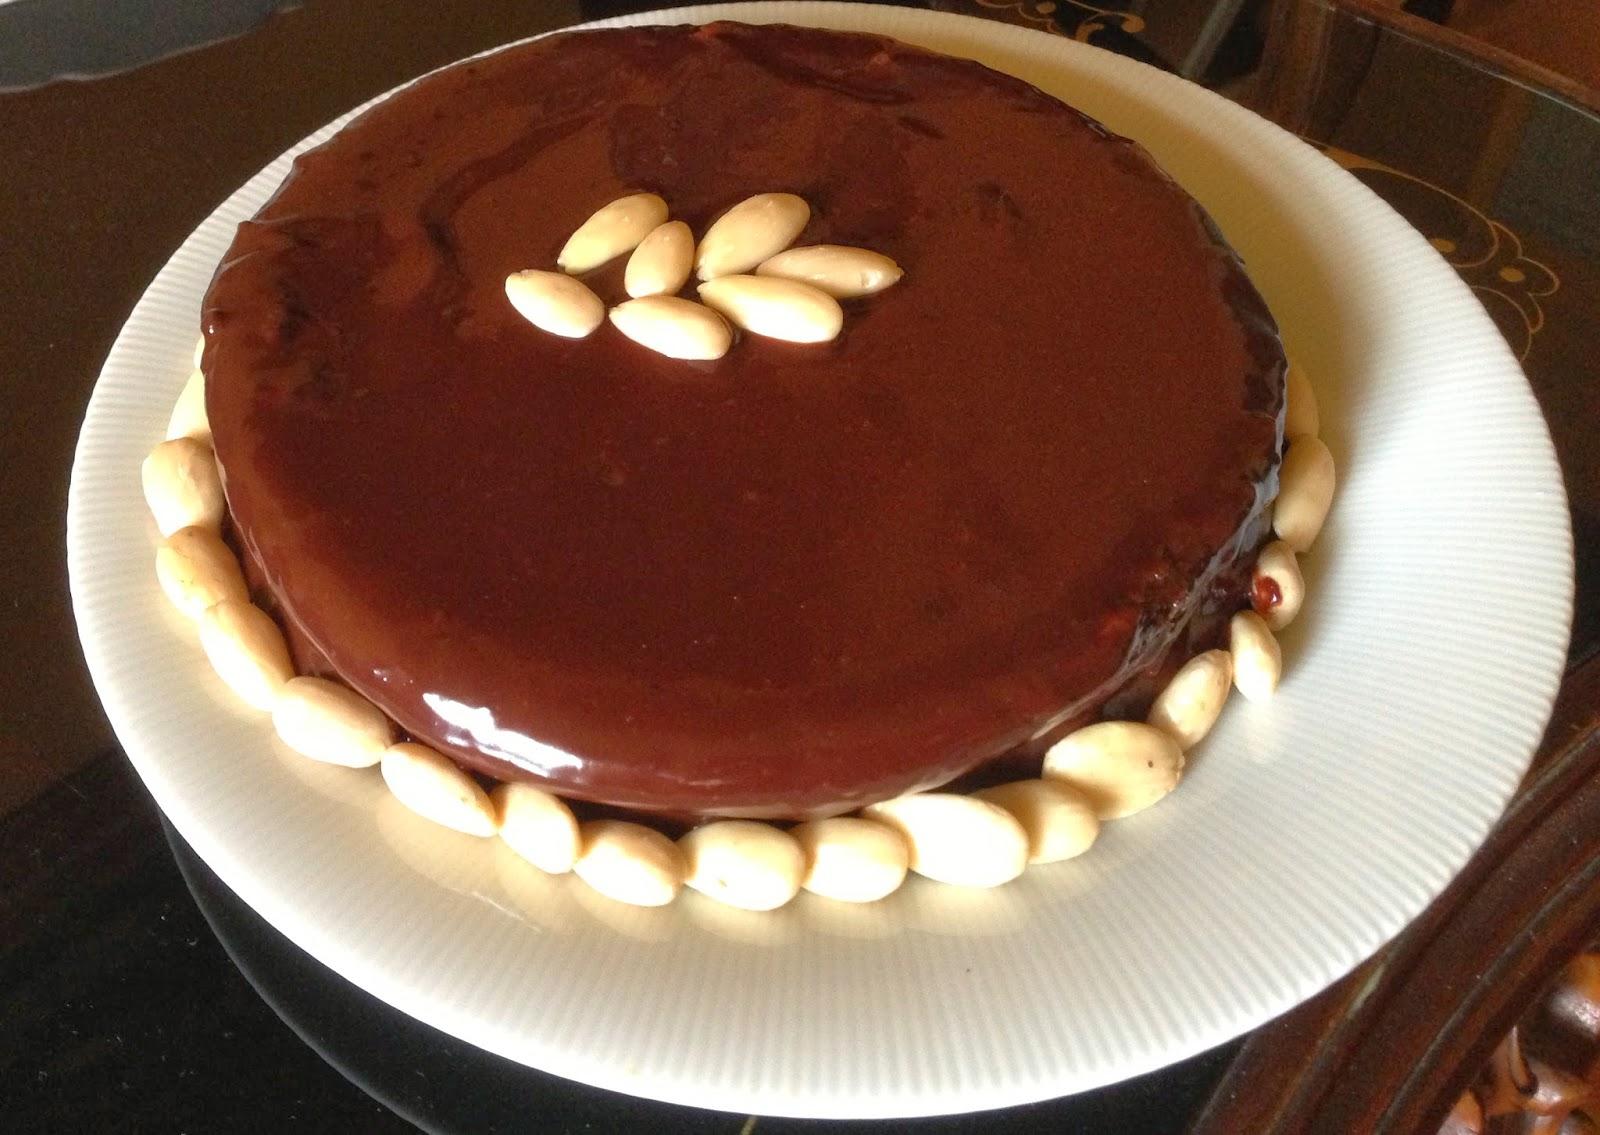 Torte Da Credenza Montersino : Torta sacher di luca montersino